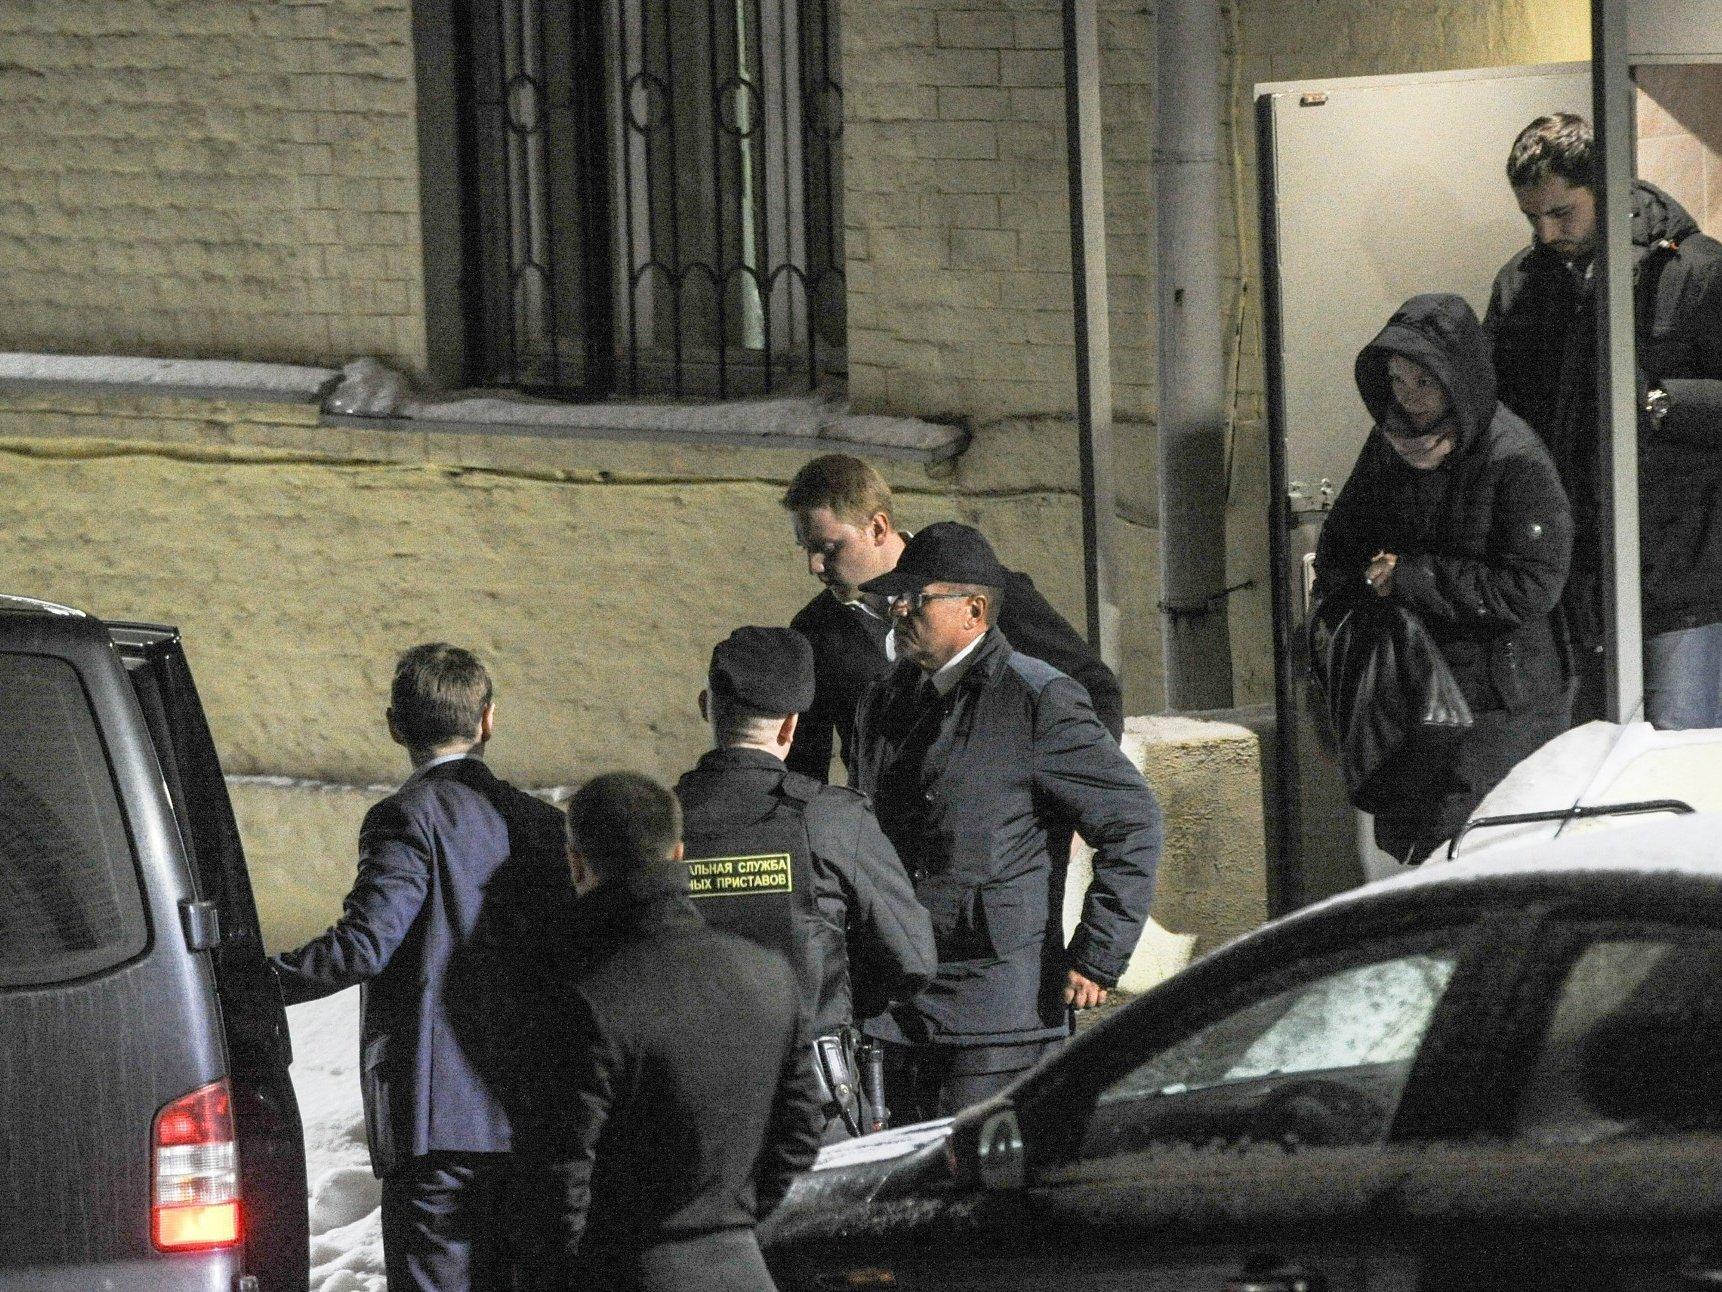 Reuters поведал о«лихорадочной атмосфере» в руководстве РФпосле ареста Улюкаева